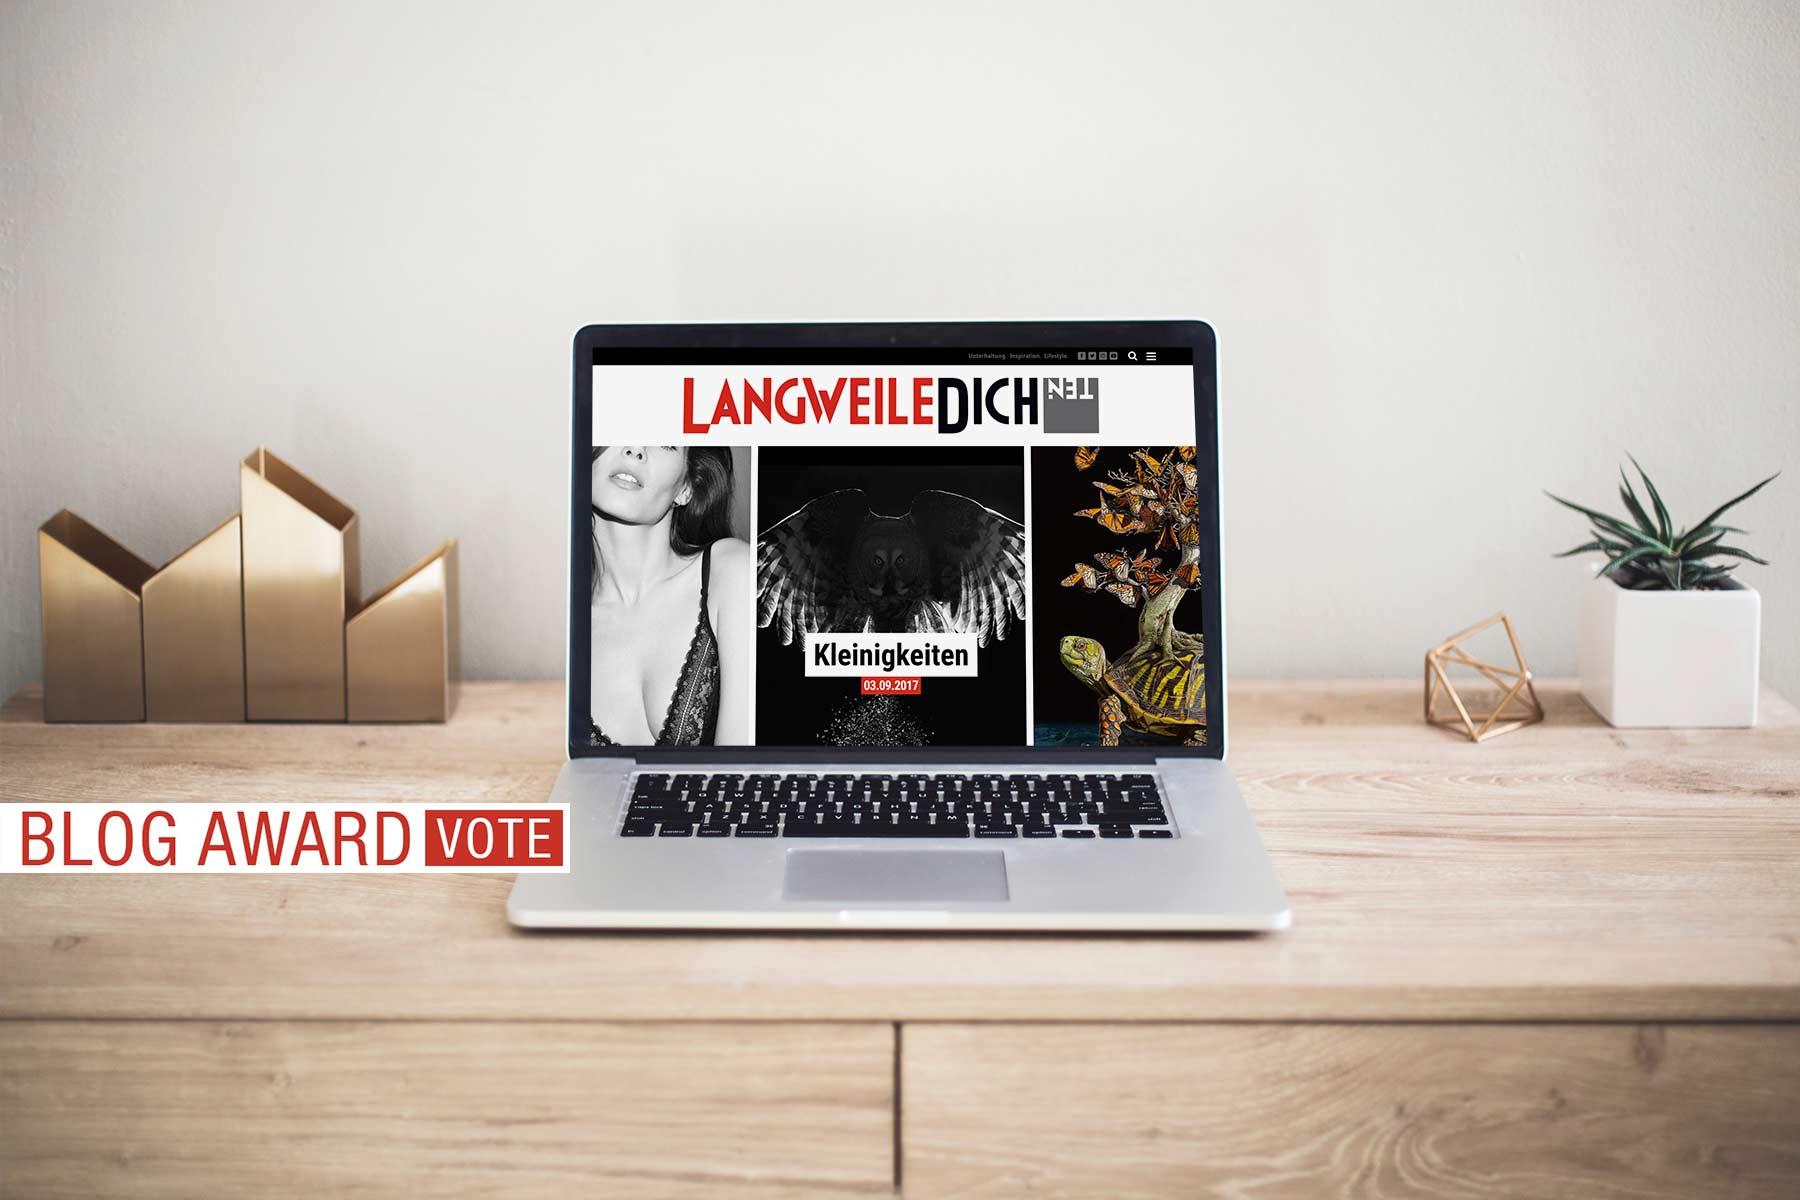 Votet für LangweileDich.net beim Blog Award 2017